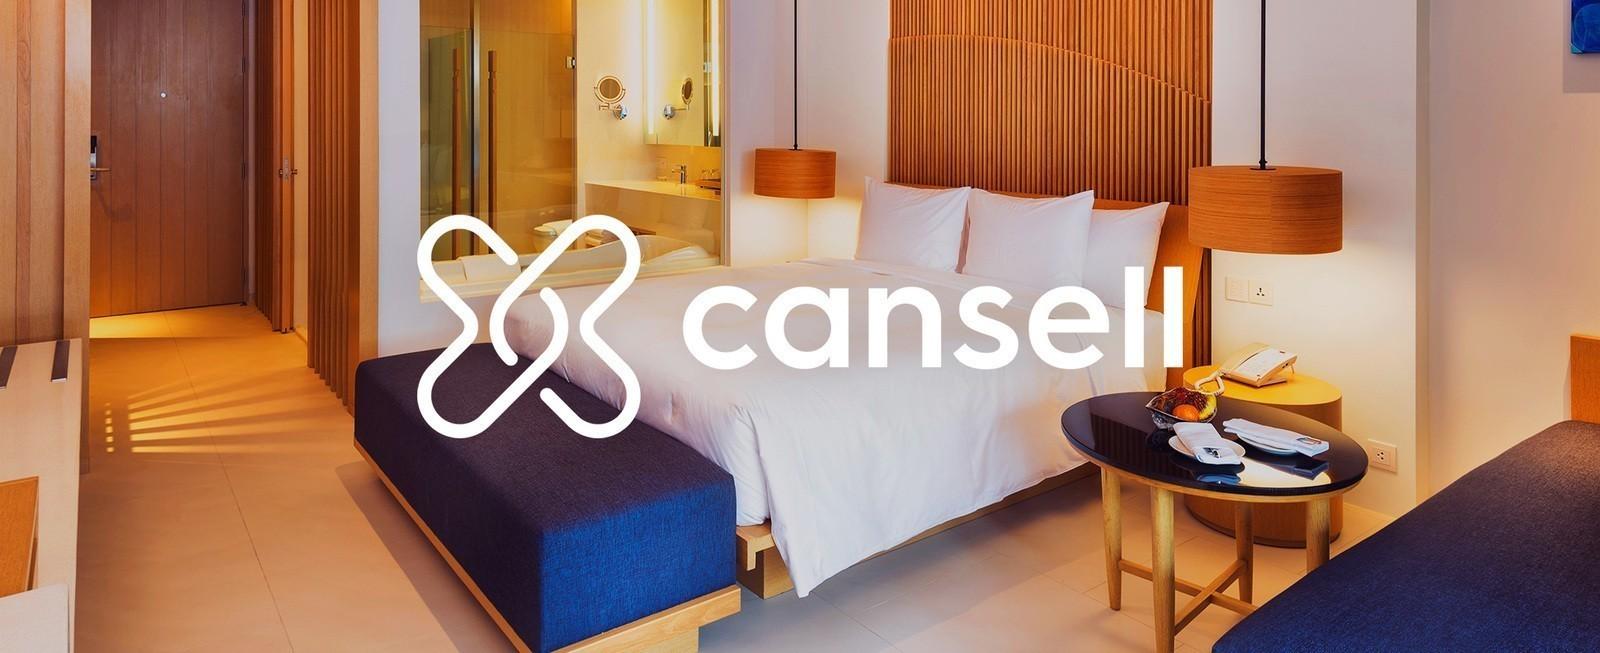 行けなくなったホテルの予約を売買するサービス『Cansell』のアプリを新規開発するAndroidエンジニアを募集!